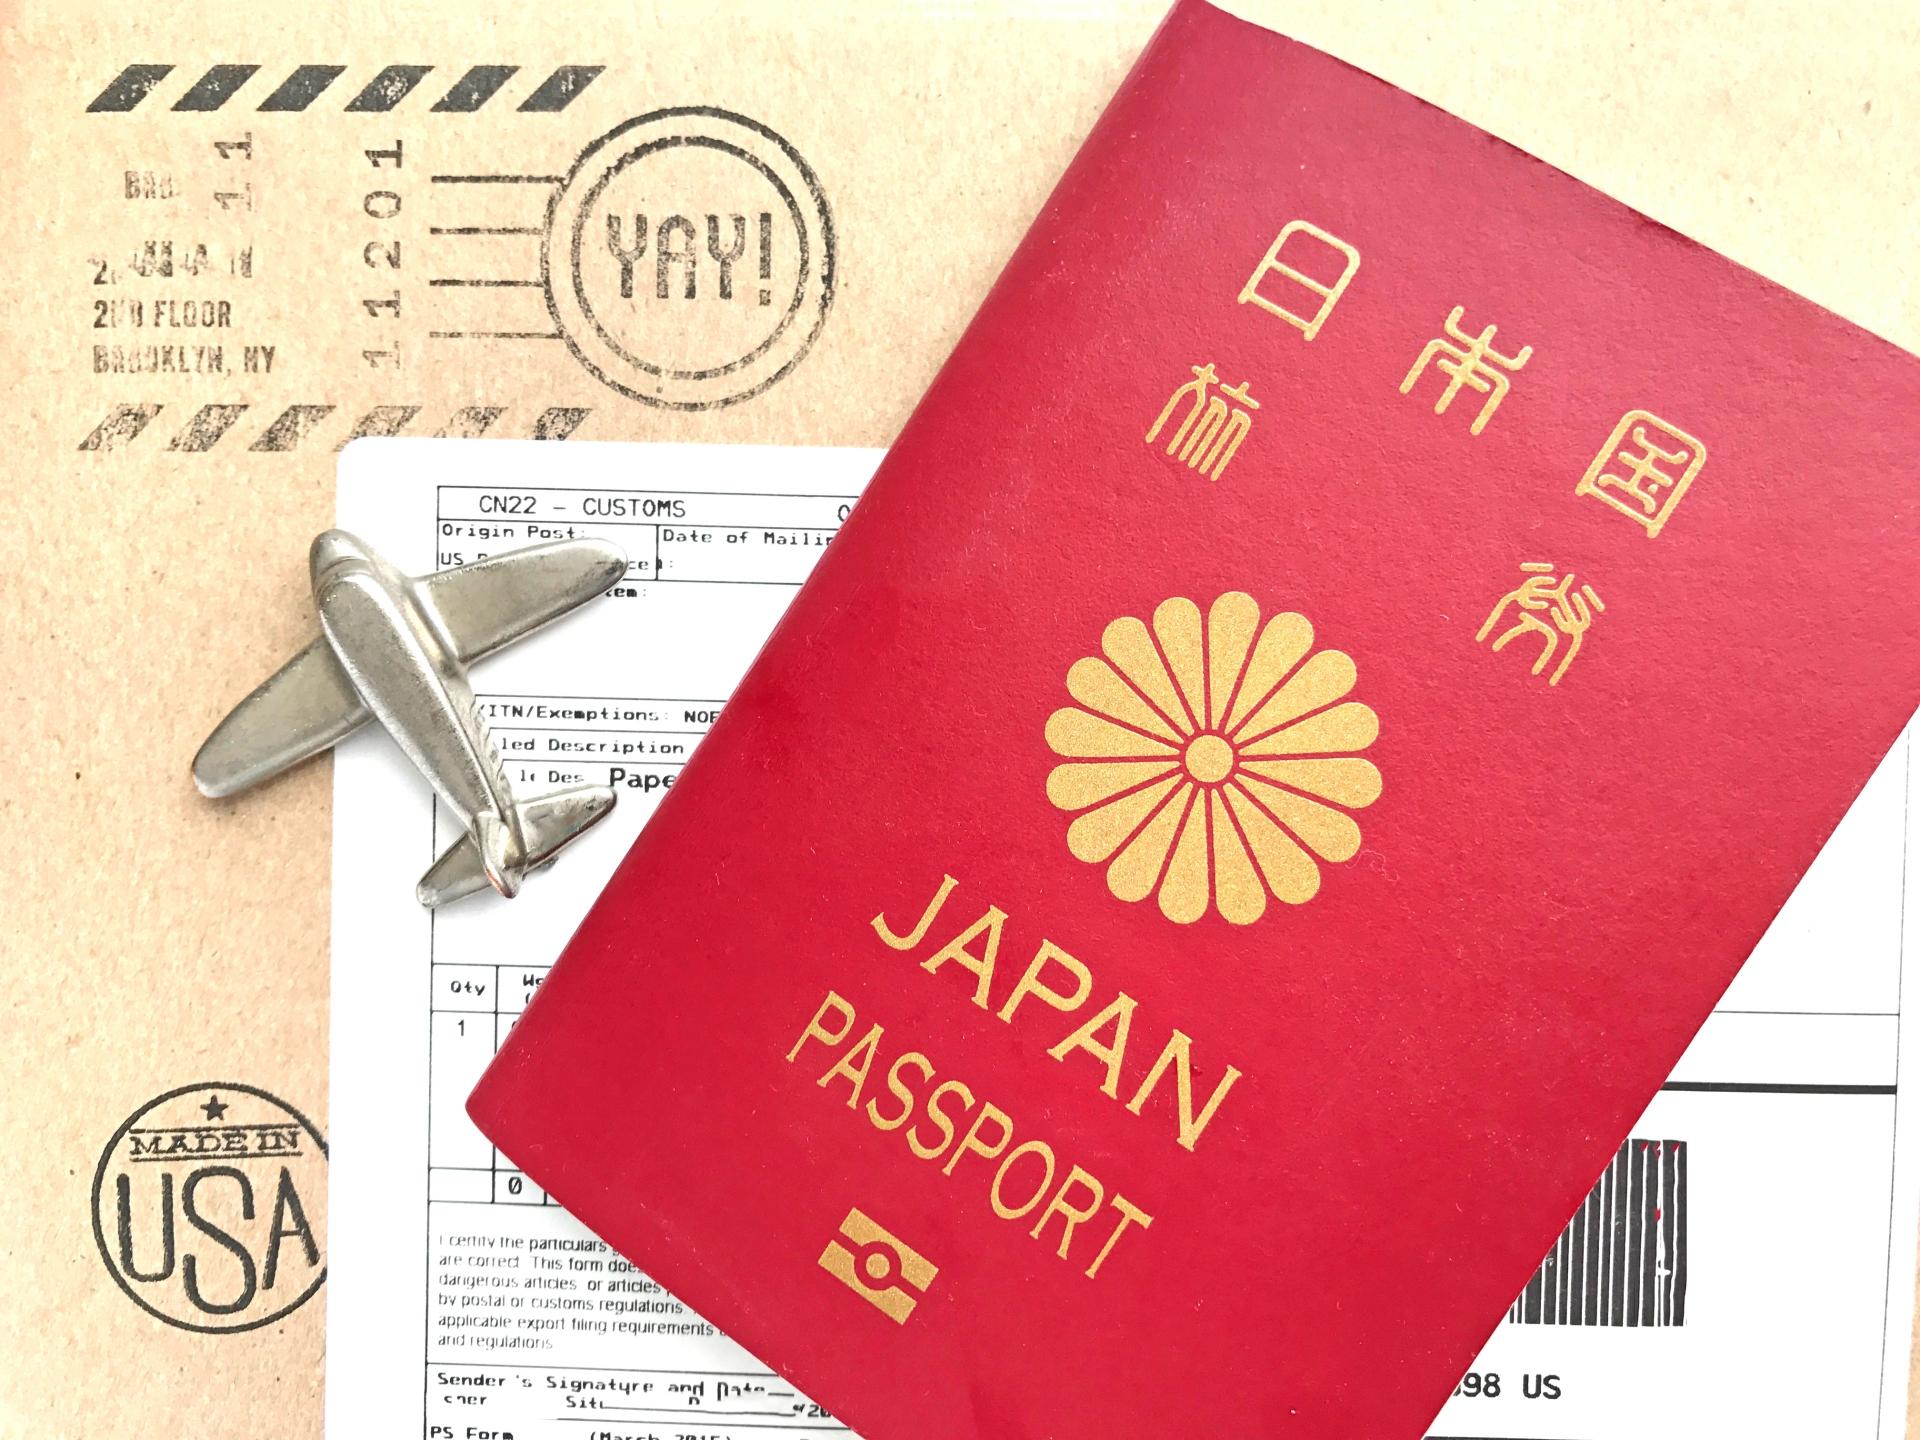 パスポート、航空券、海外旅行保険の手配